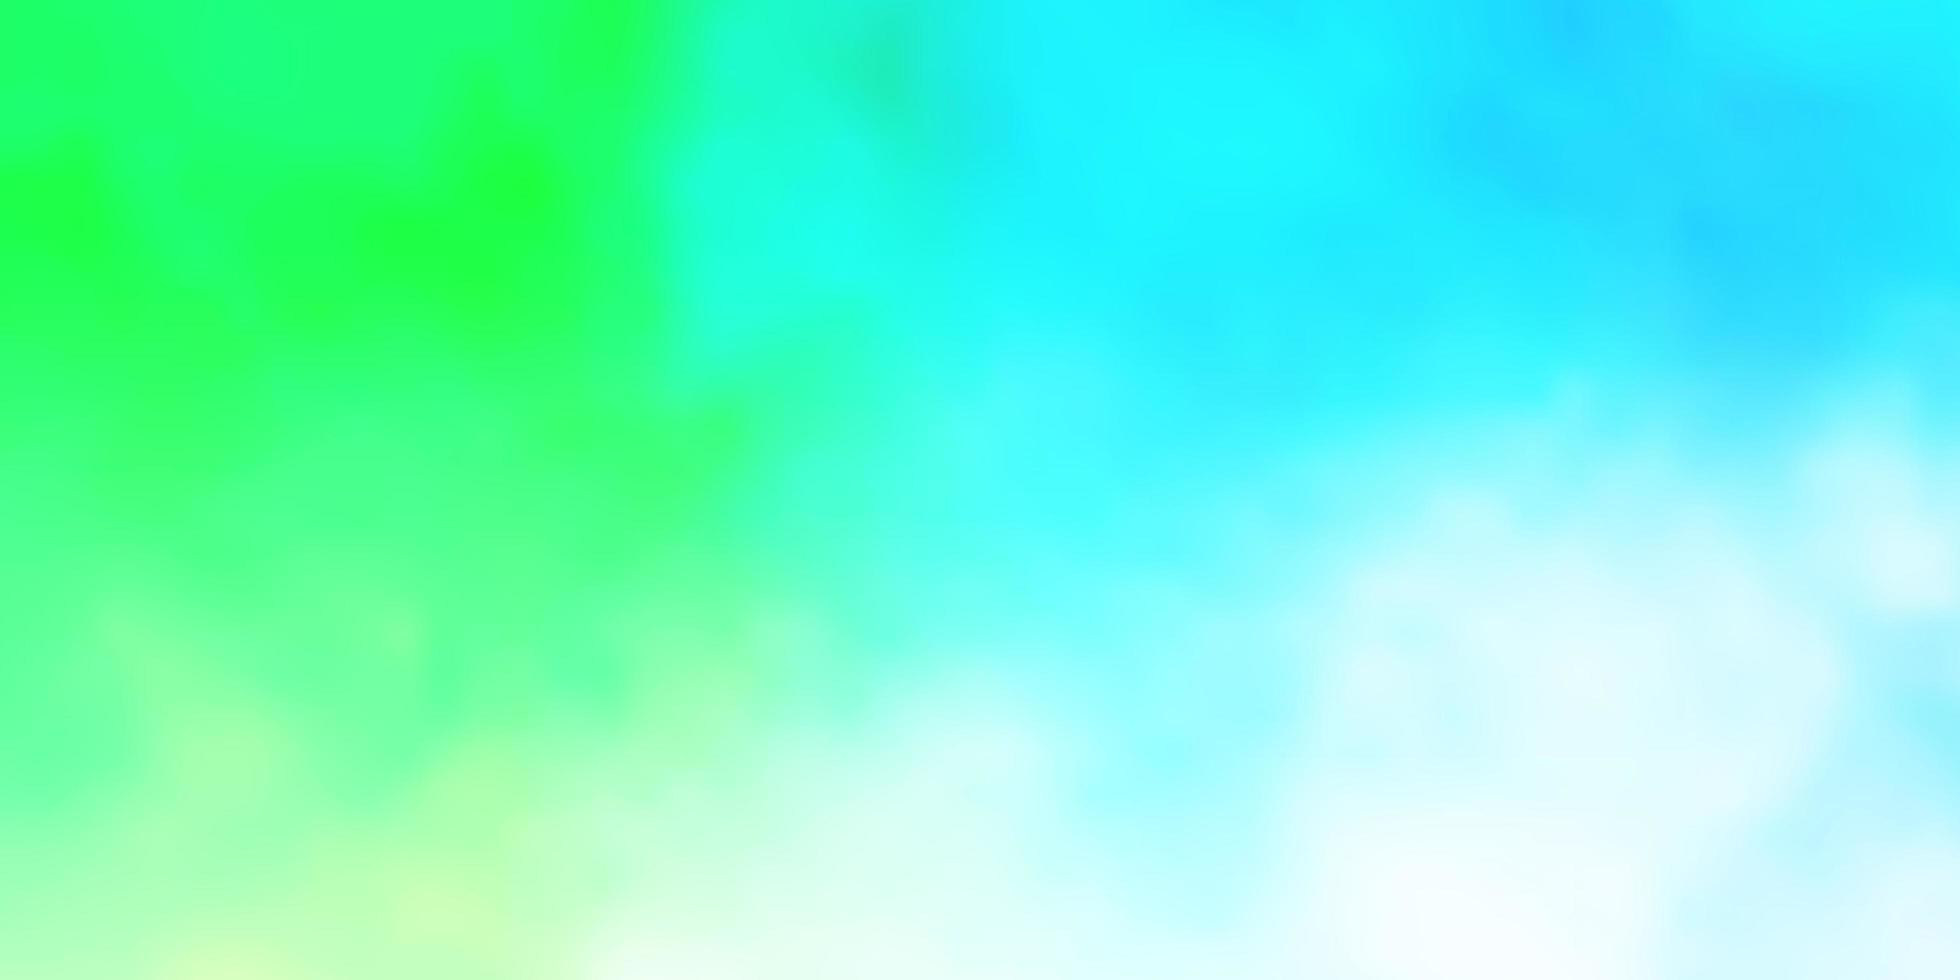 padrão de vetor azul, verde claro com nuvens.